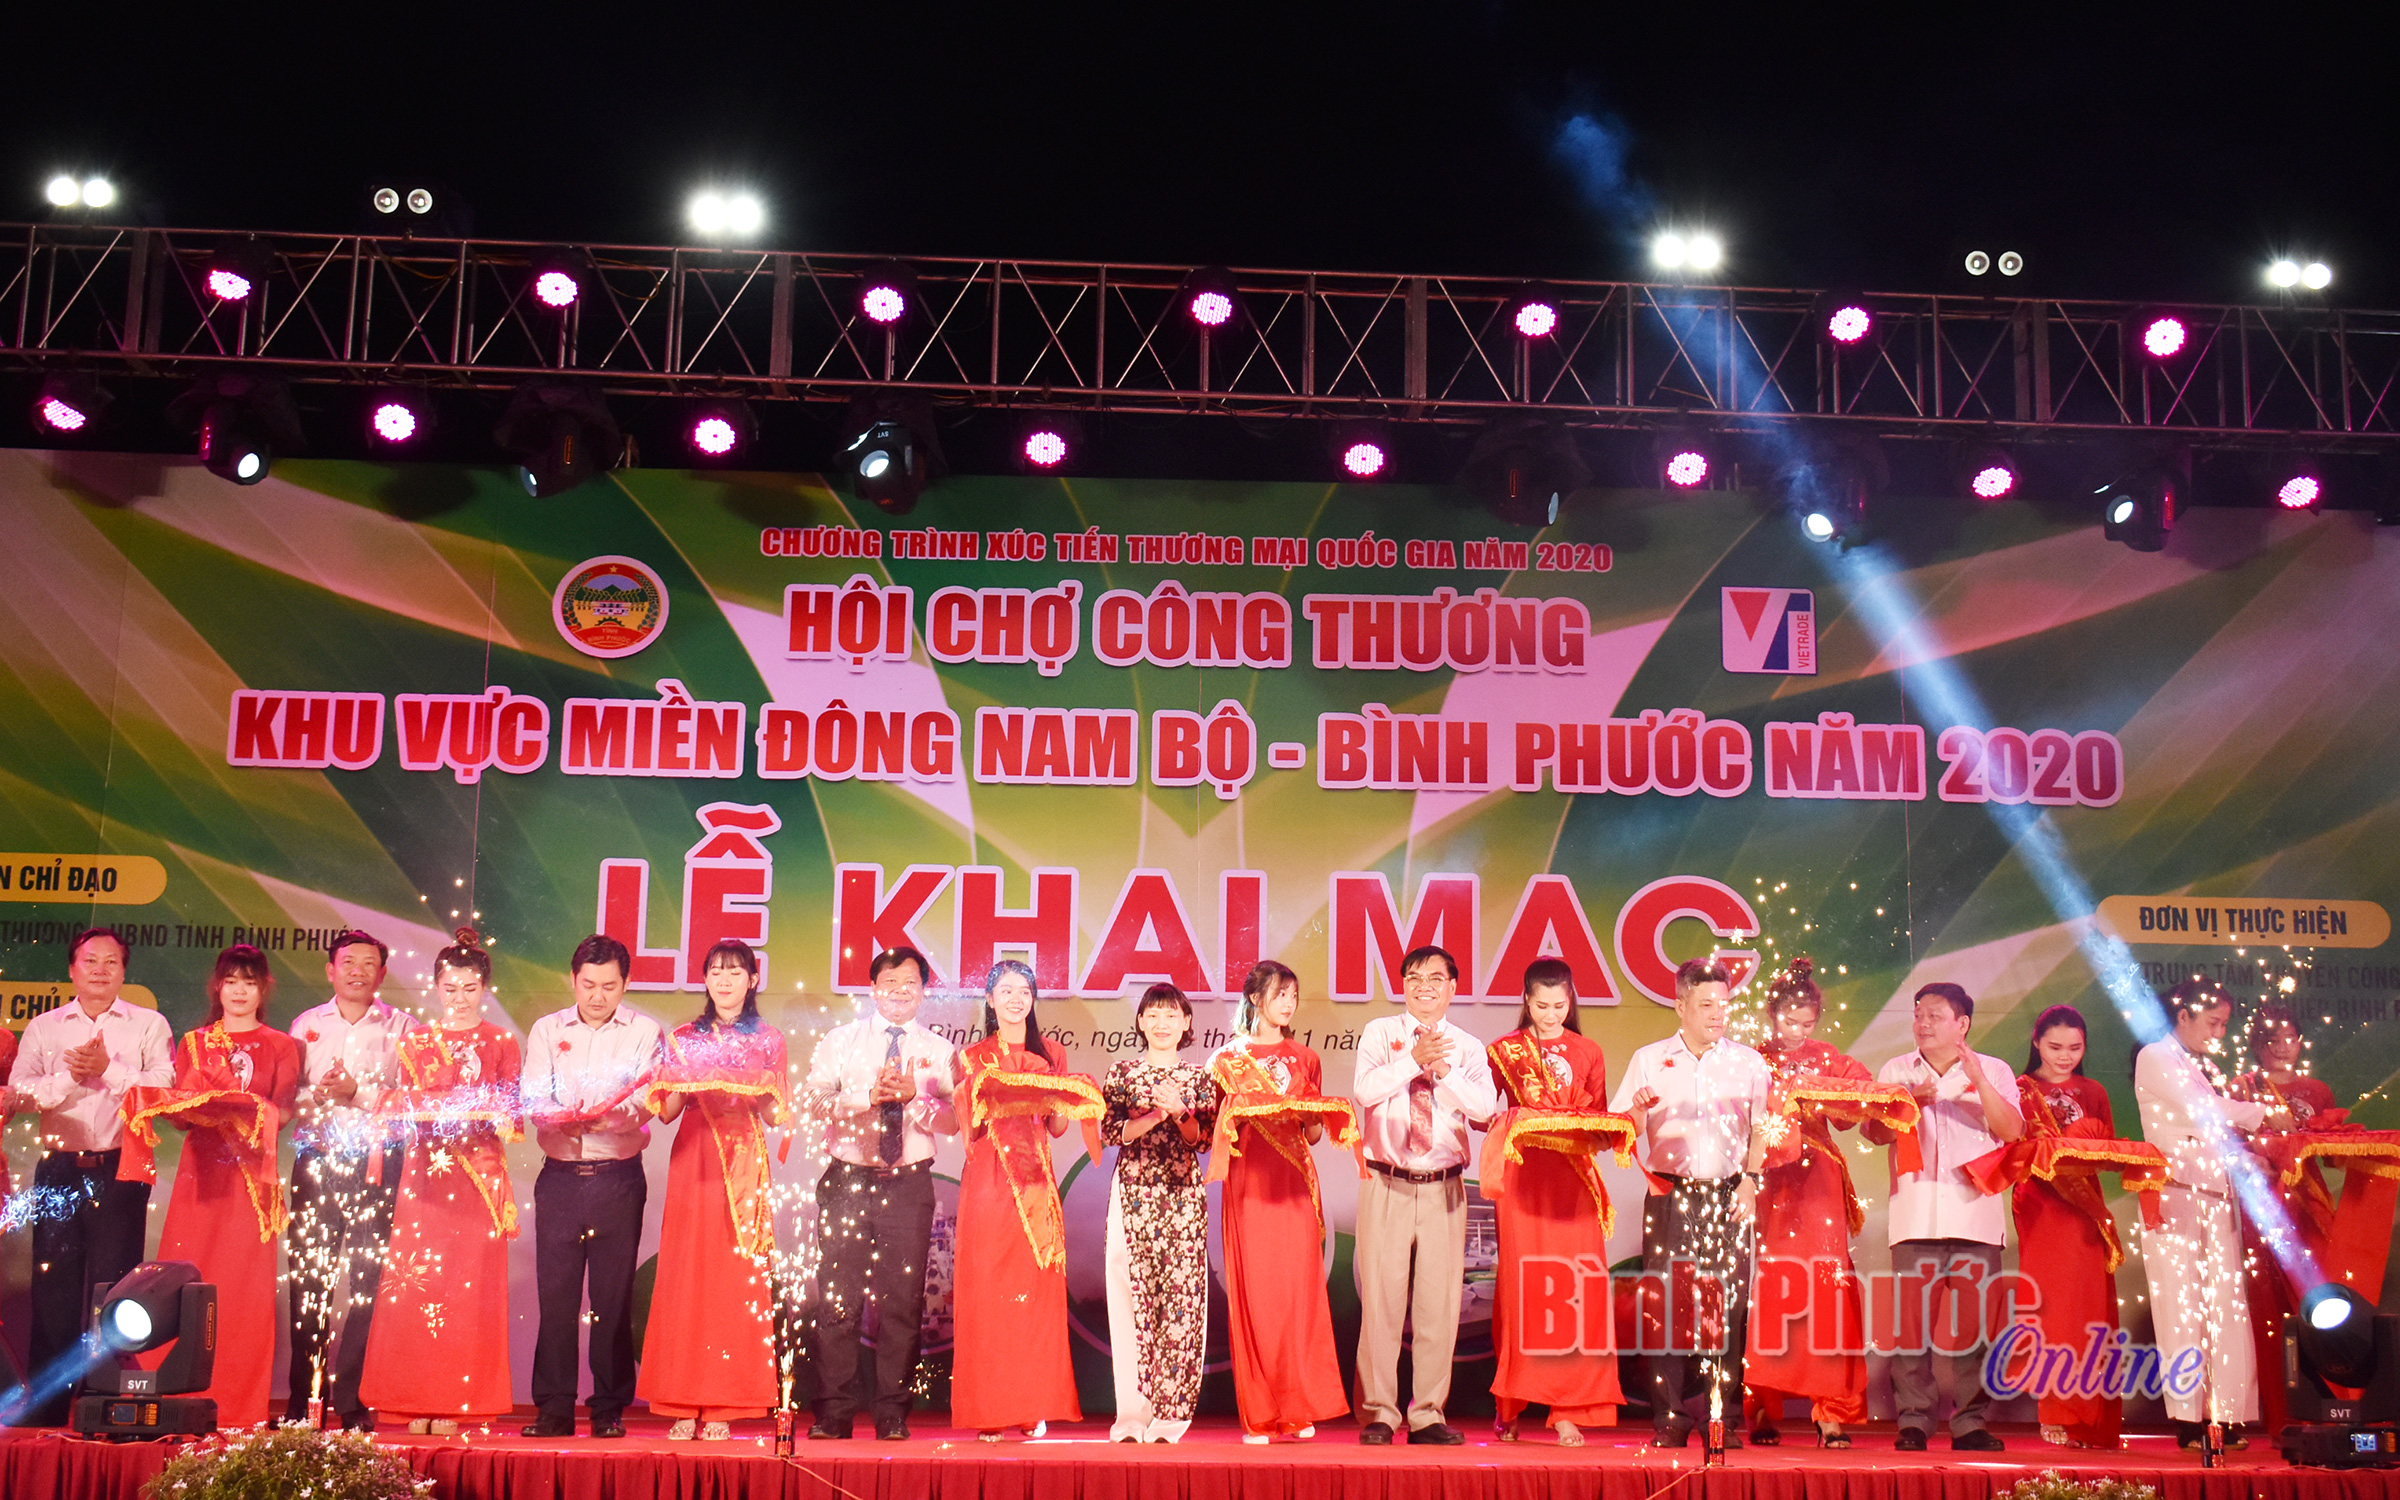 Khai mạc Hội chợ Công thương khu vực Đông Nam bộ - Bình Phước năm 2020